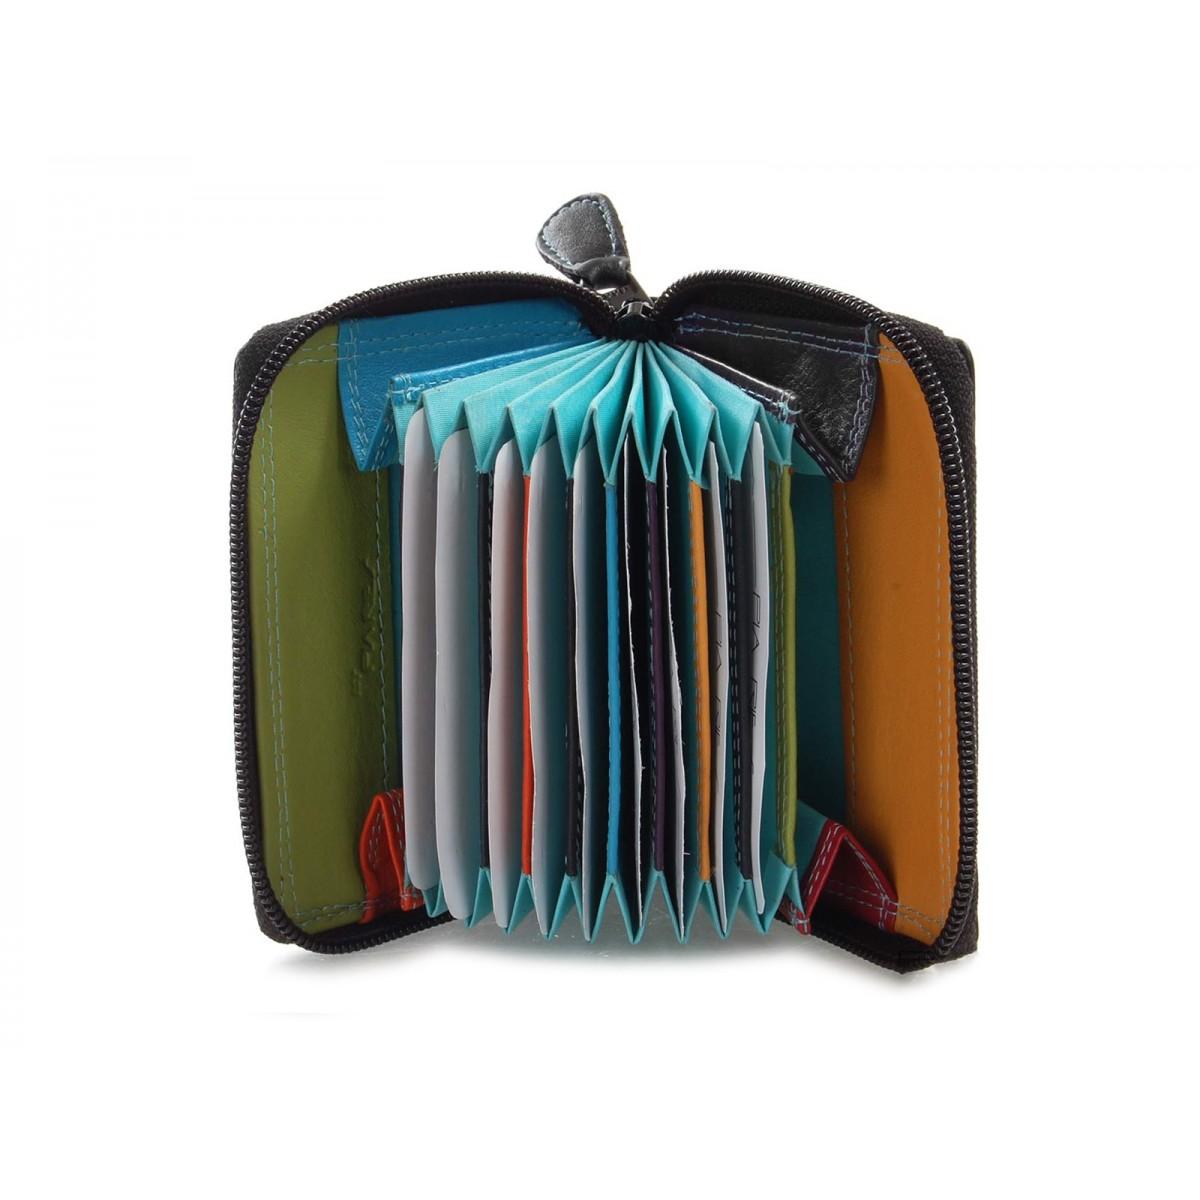 Pung og kortholder i tropical farver-31